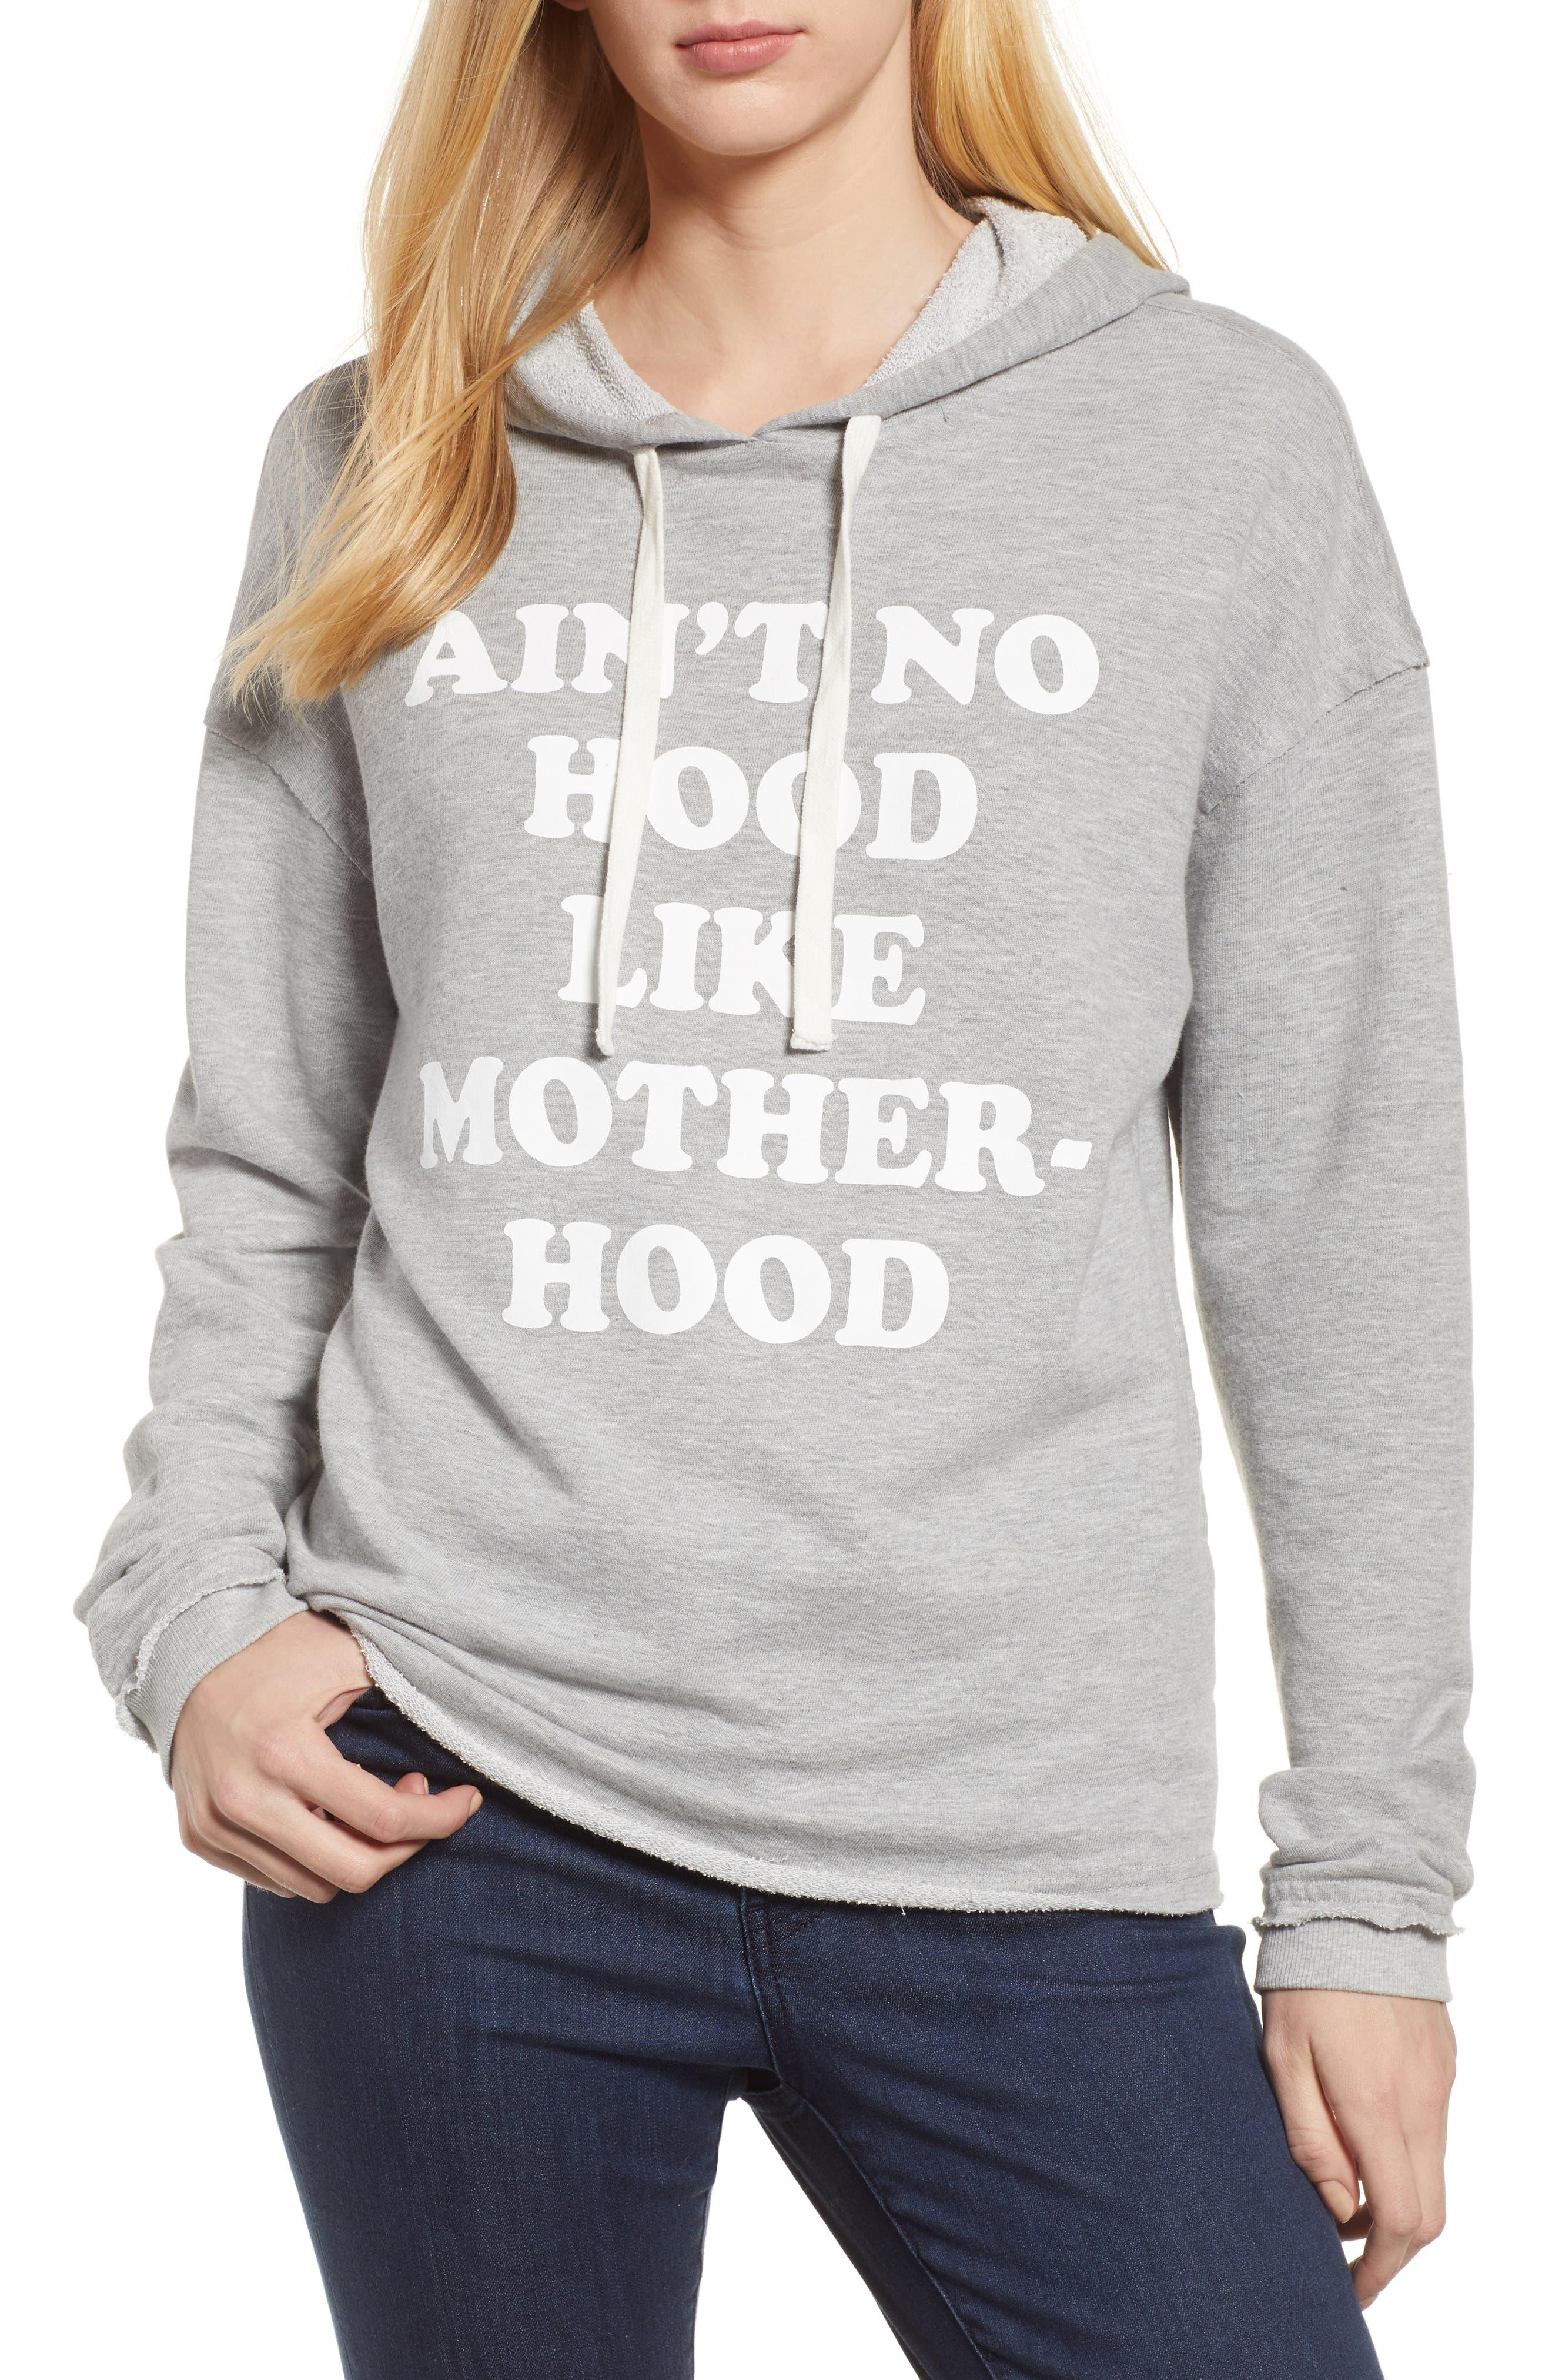 Off Duty Ain't No Hood Like Motherhood Hoodie,                         Main,                         color, 030